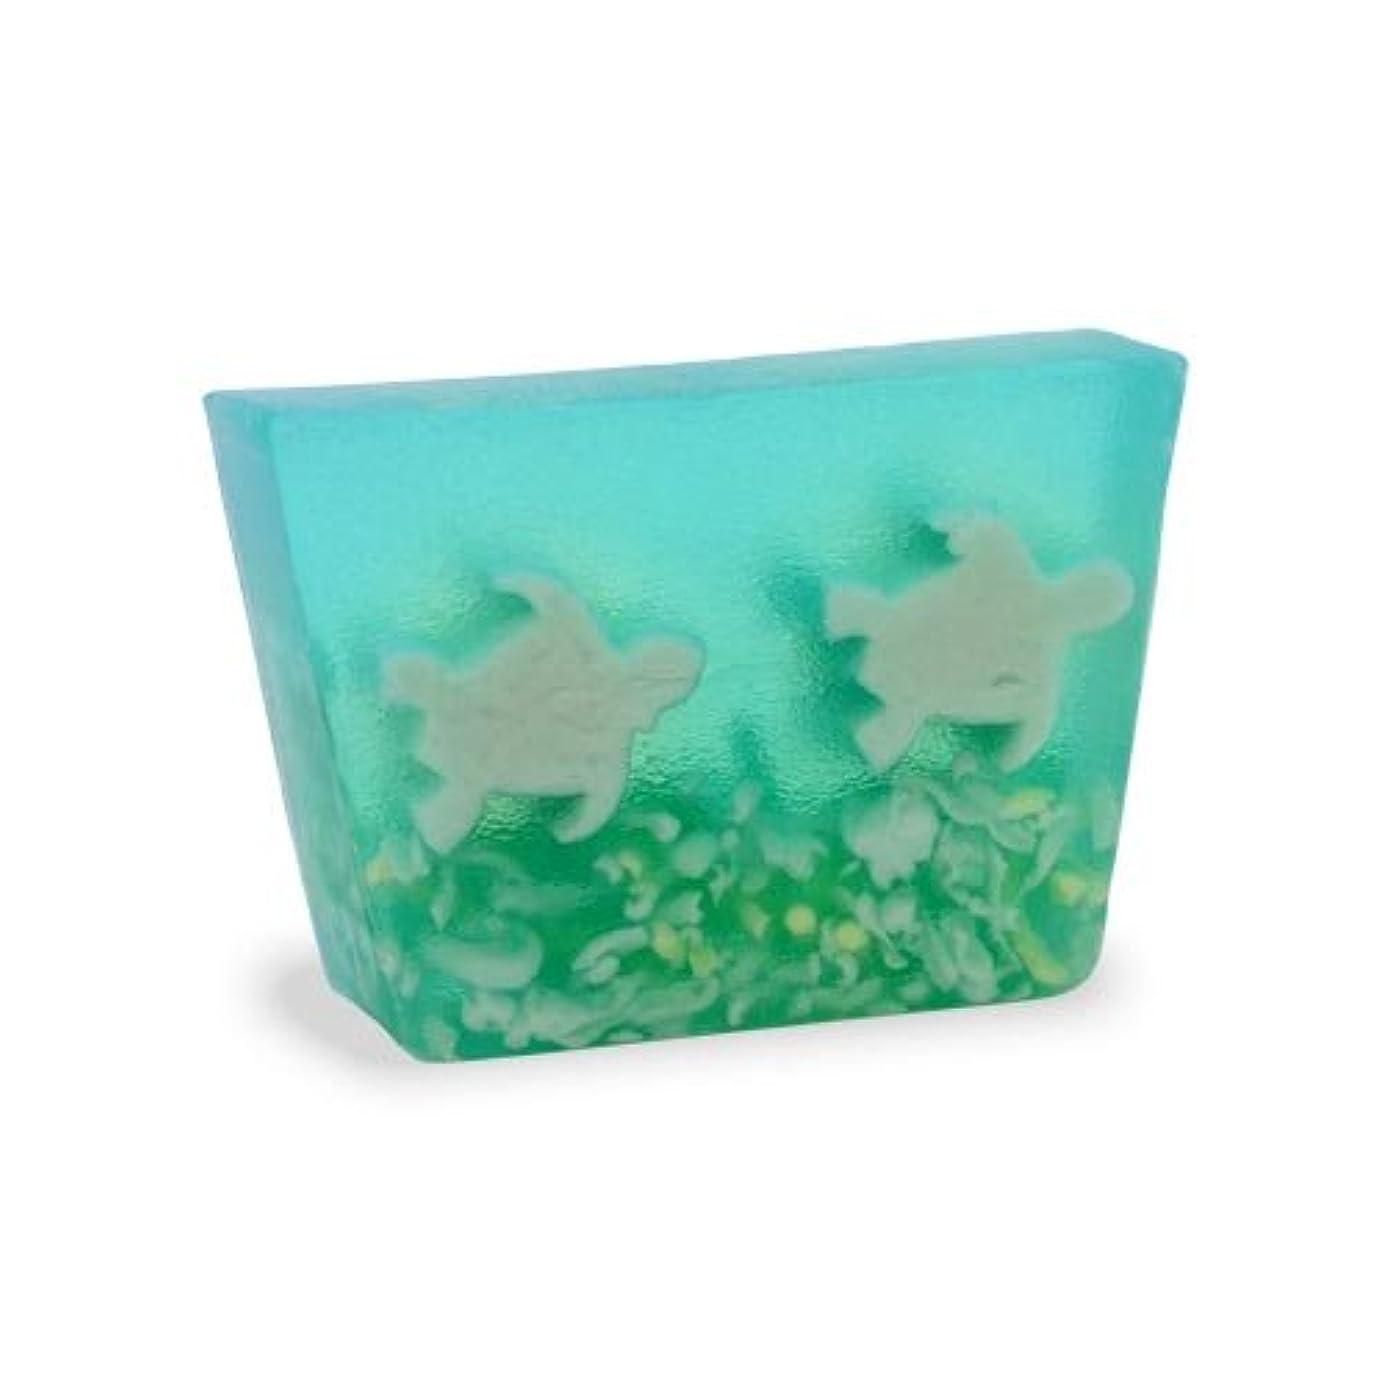 しかしながら急襲つらいプライモールエレメンツ アロマティック ミニソープ シータートルズ 80g 植物性 ナチュラル 石鹸 無添加